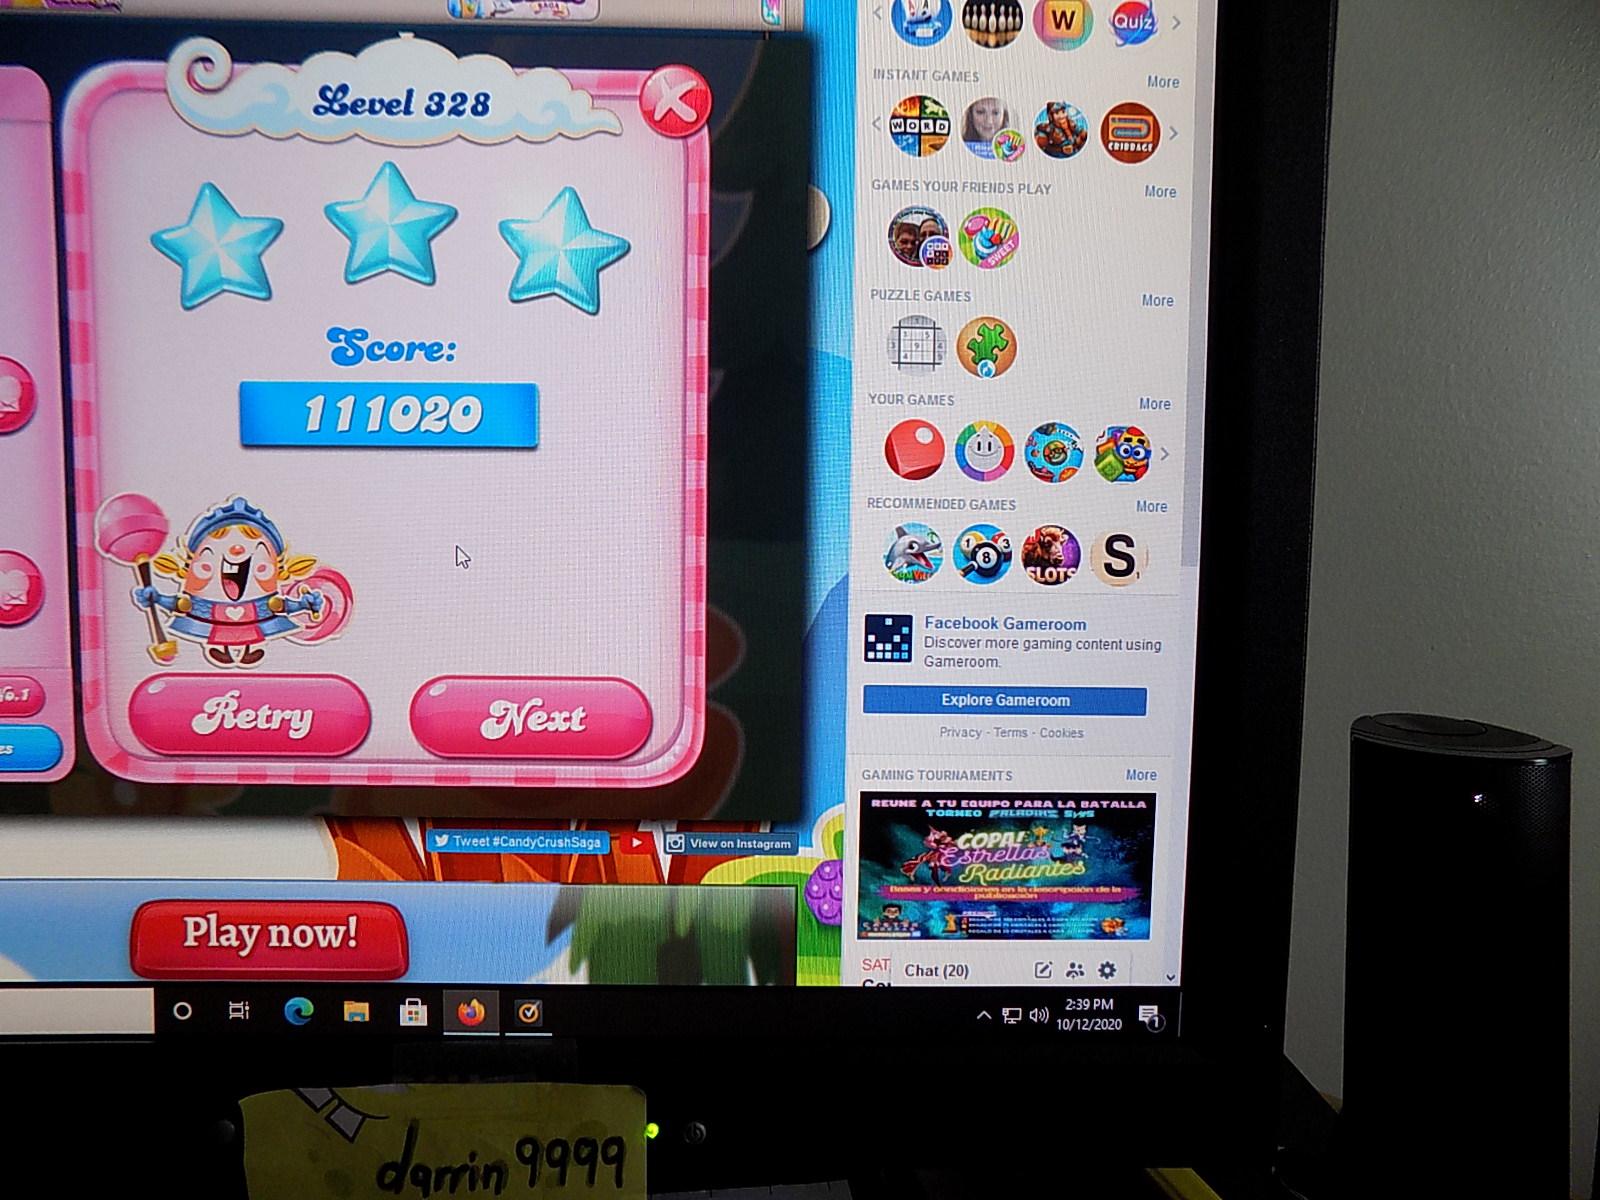 darrin9999: Candy Crush Saga: Level 328 (Web) 111,020 points on 2020-10-12 13:53:44